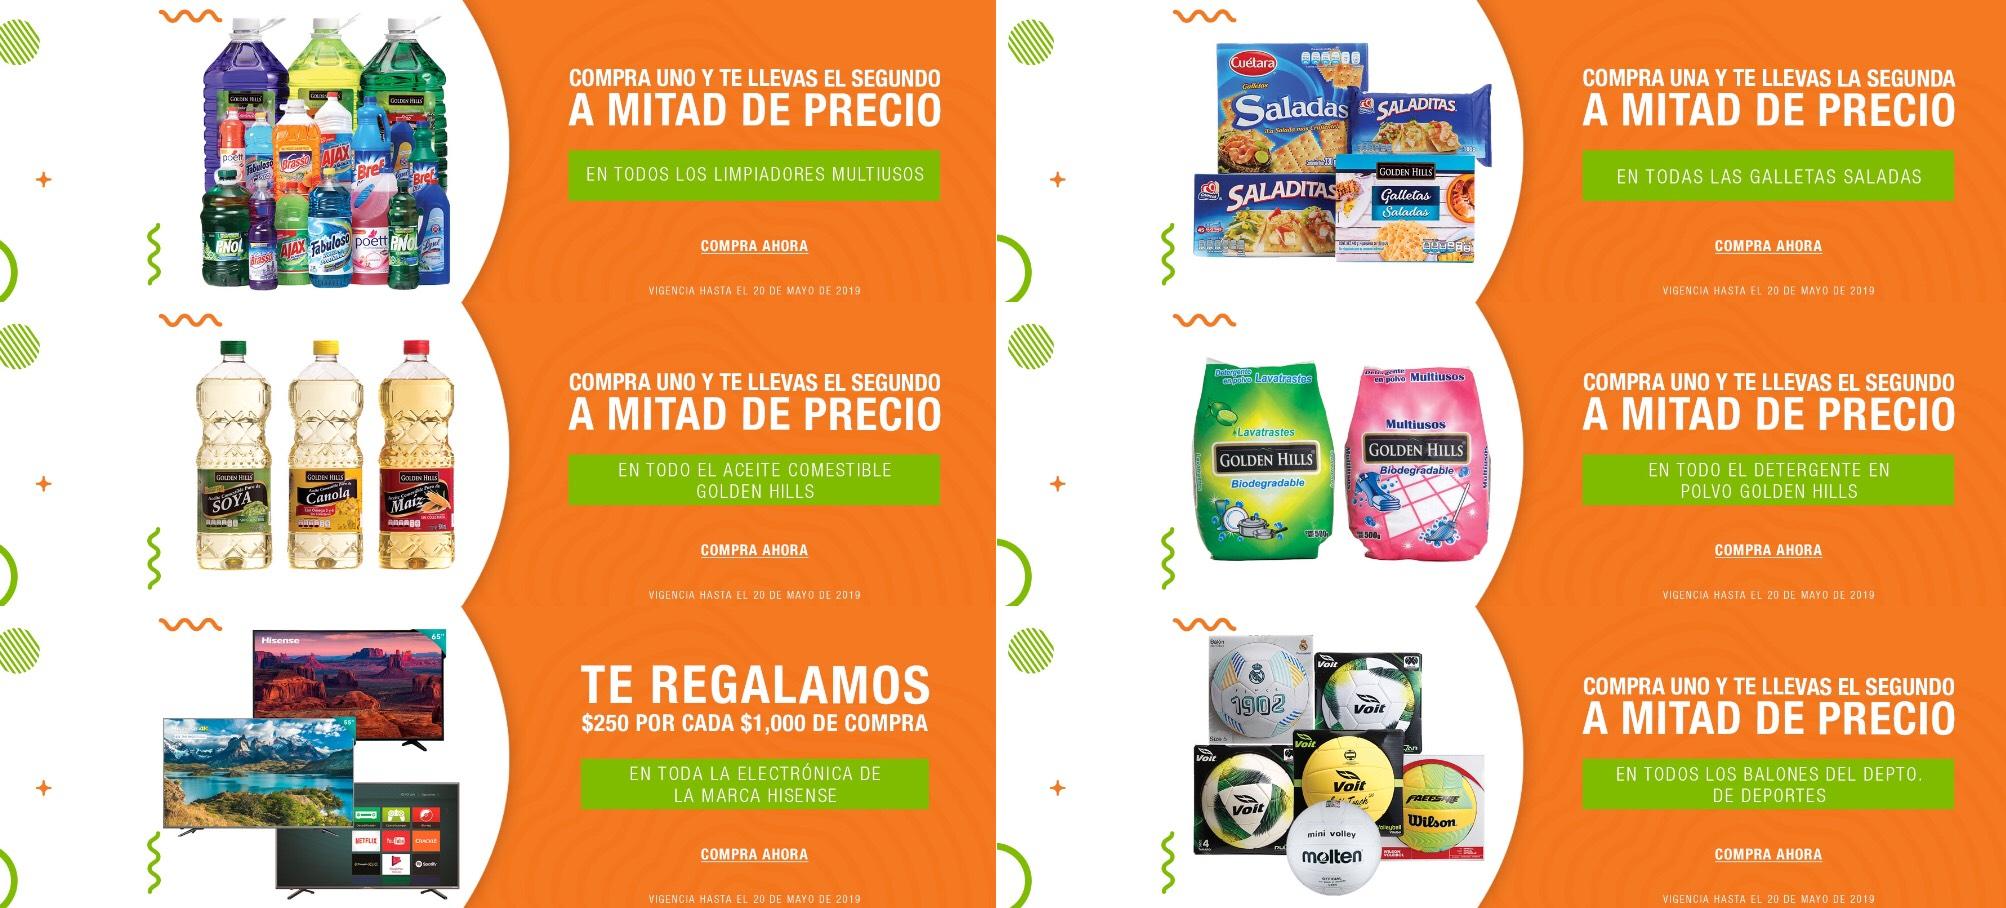 La Comer y Fresko: Ofertas y Promociones de Fin de Semana al 20 de Mayo 2019